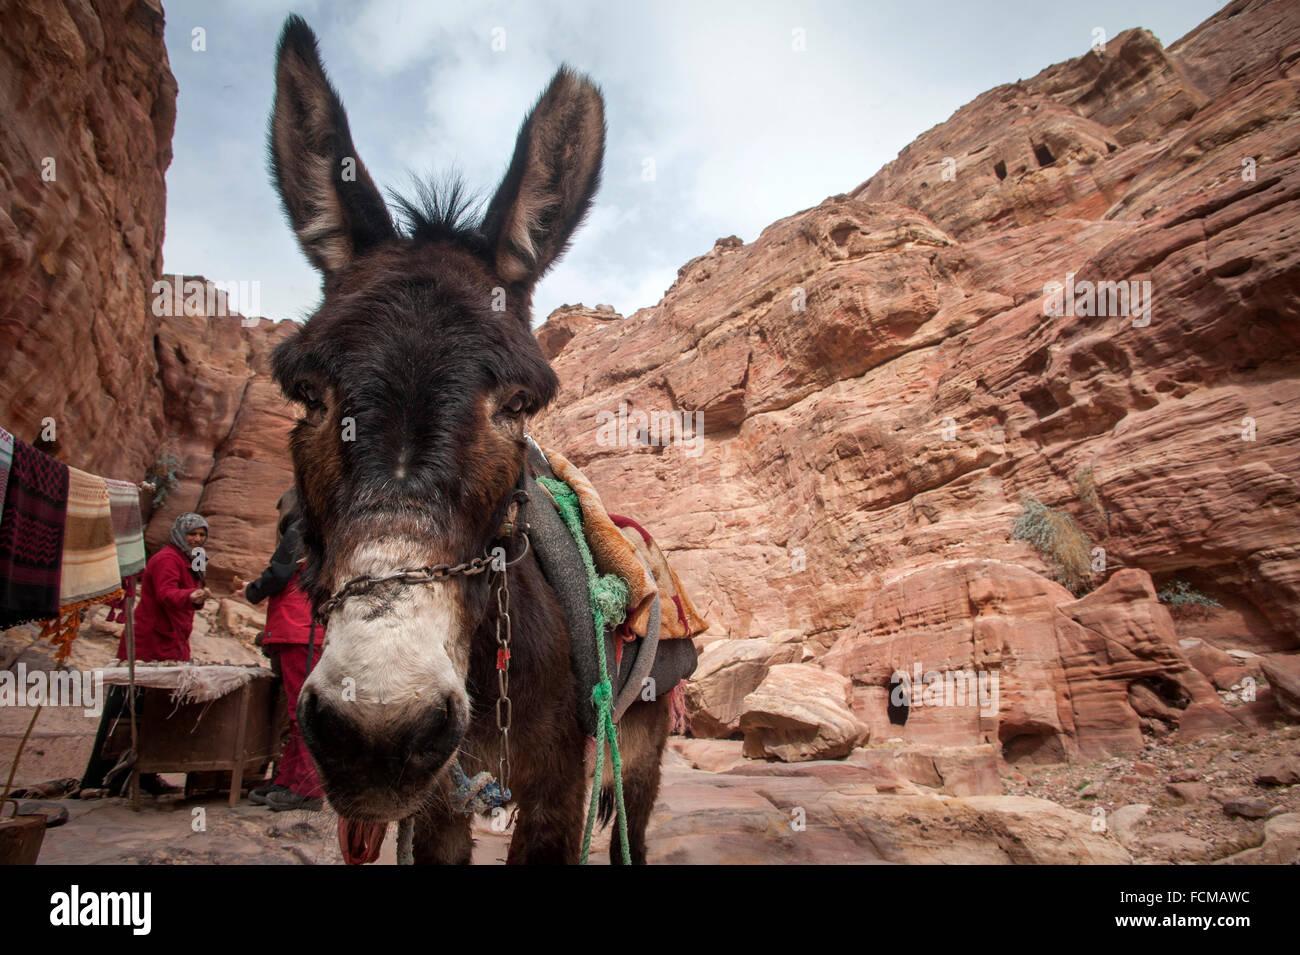 A donkey awaits tourists at Petra, Jordan. - Stock Image